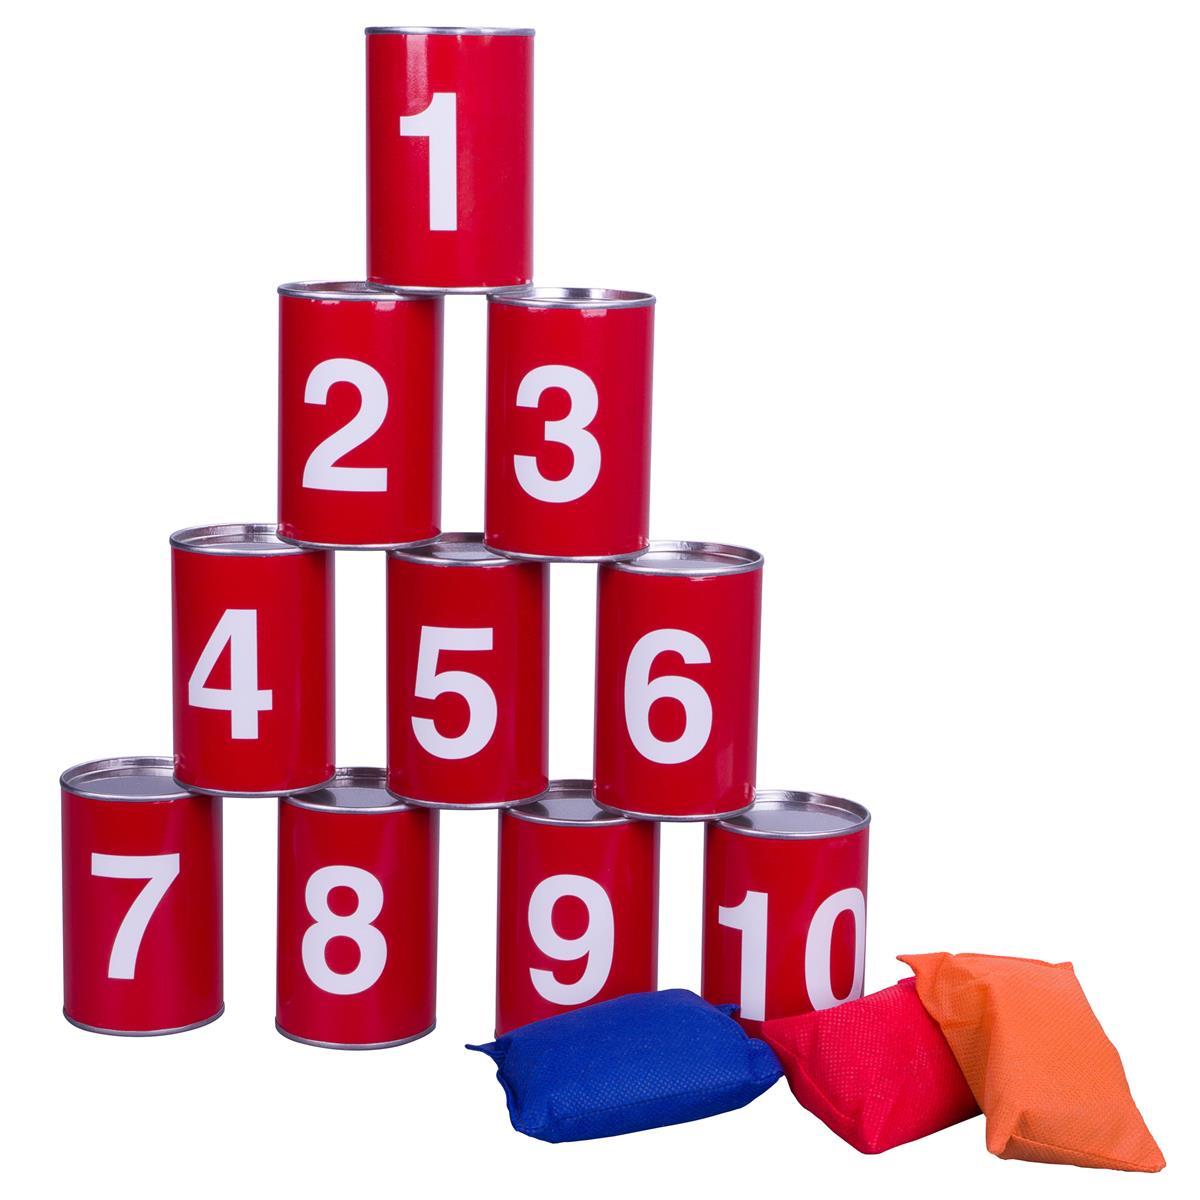 Dosenwerfen Dosenwurf-Spiel Büchsenwerfen 10 Dosen 3 Wurf-Säckchen